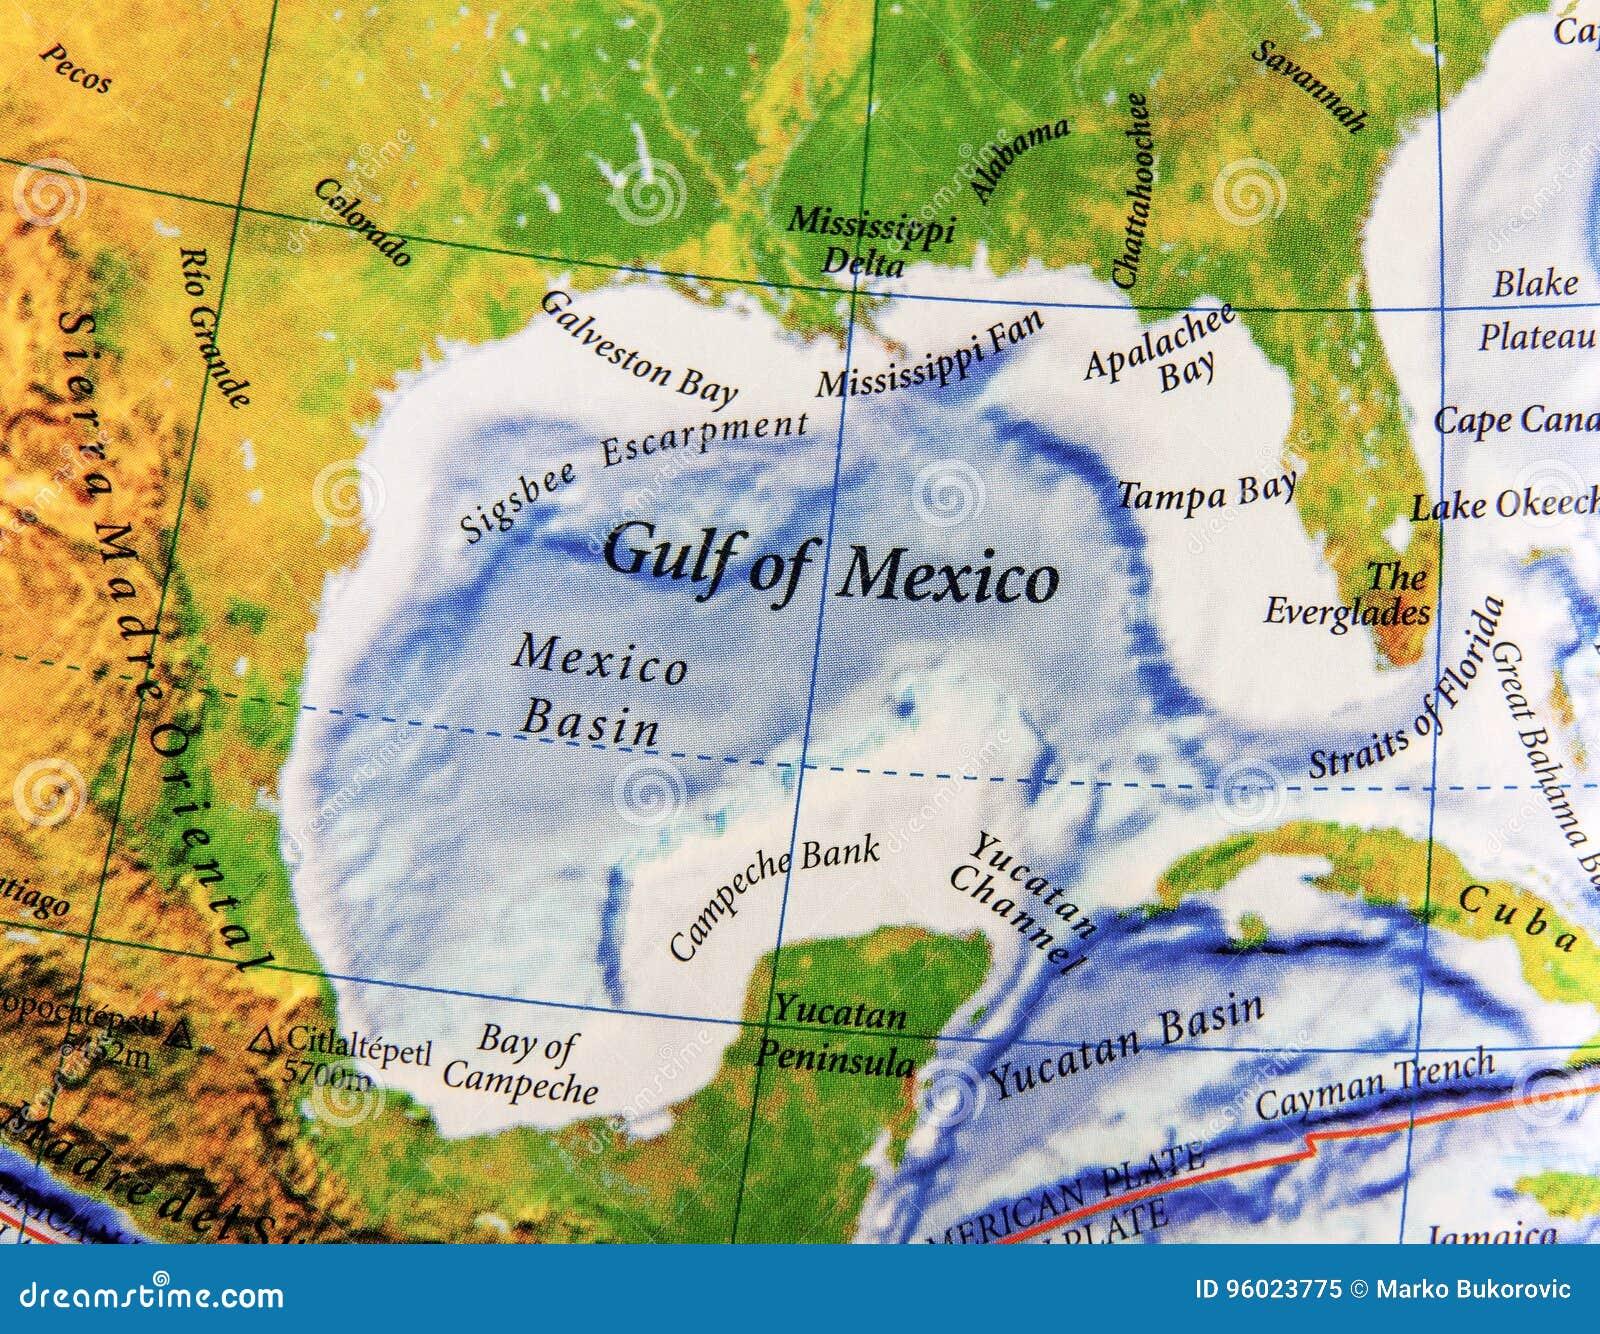 Cartina Geografica Politica Del Messico.Mappa Geografica Del Golfo Del Messico Nel Paese Del Messico Immagine Stock Immagine Di Dichiari Globale 96023775